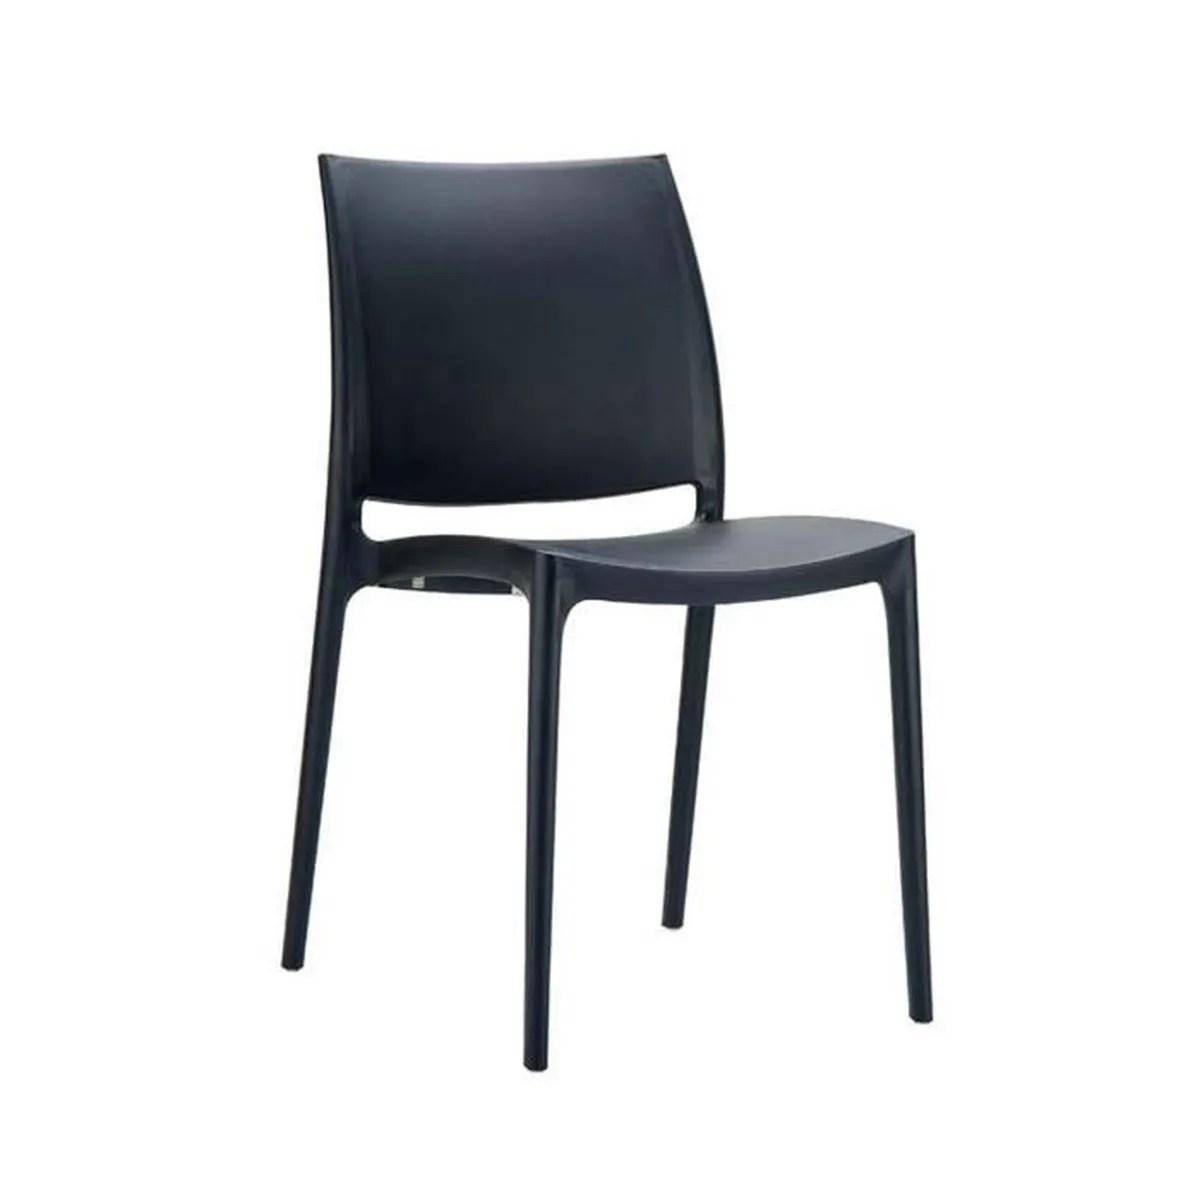 chaise de jardin empilable en plastique noir 81 x 44 x 50 cm